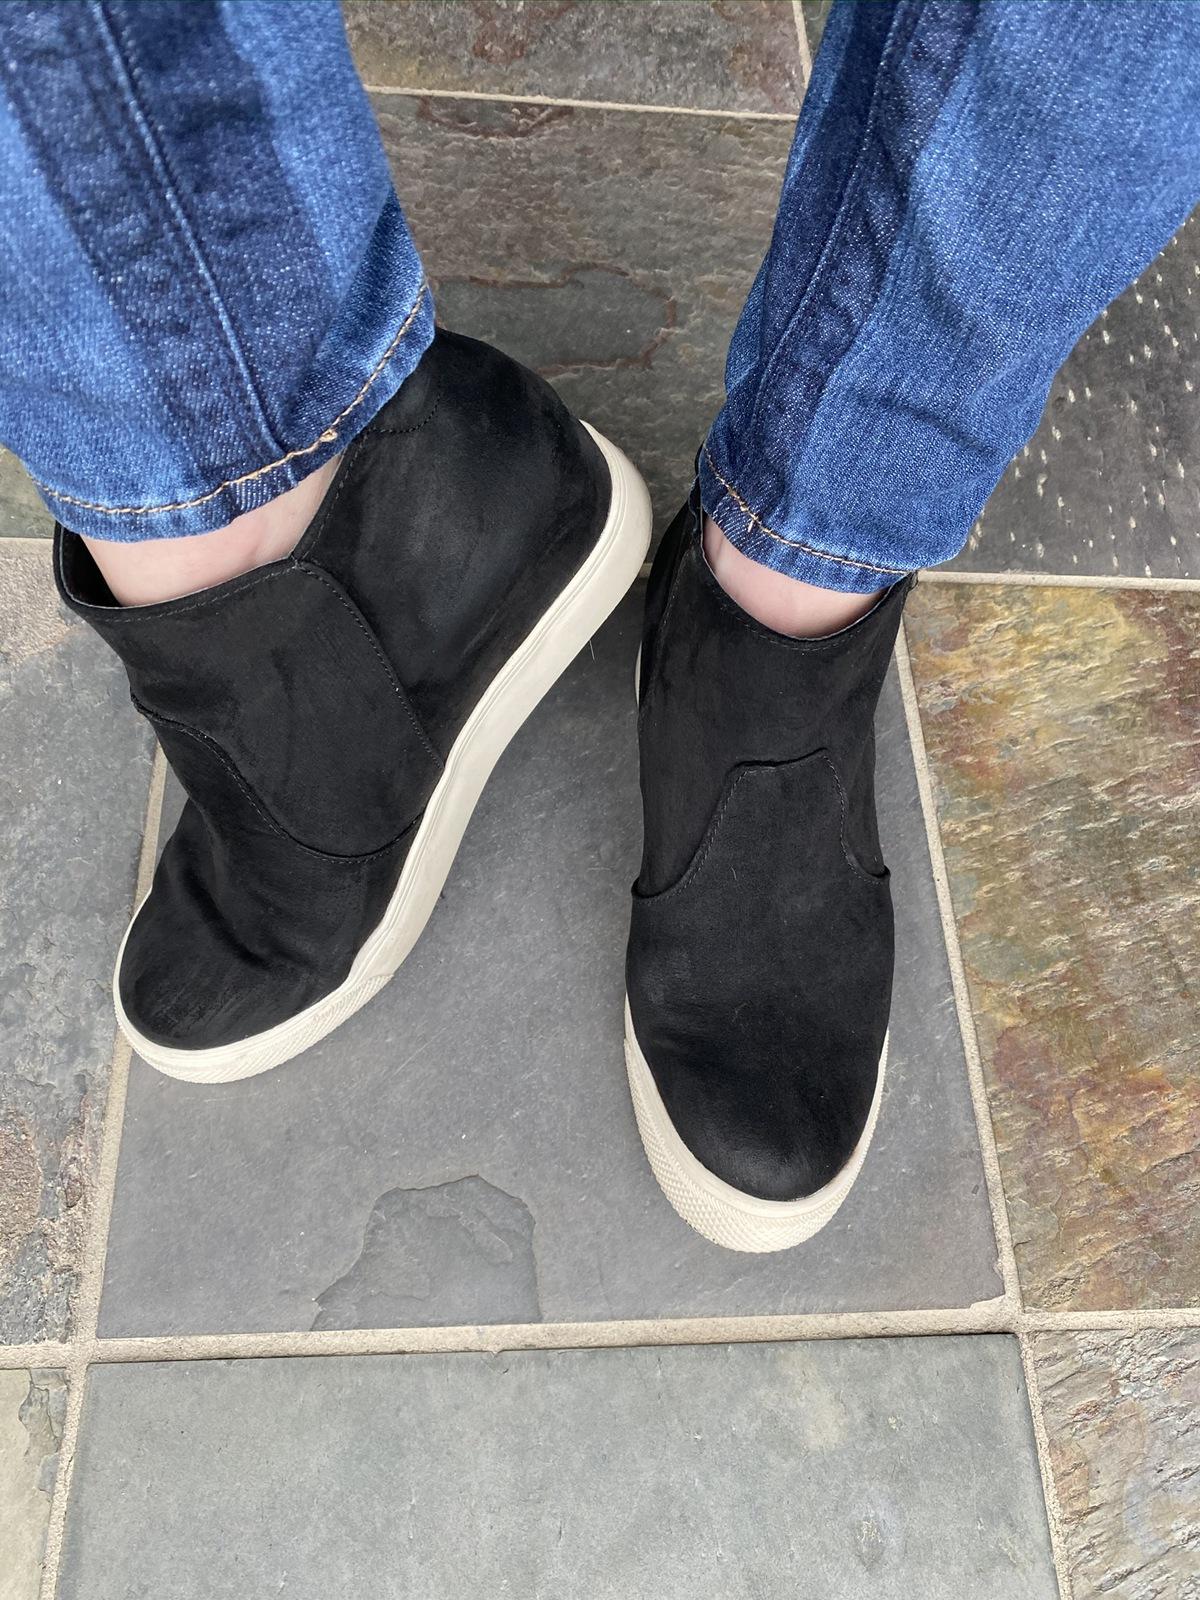 black wedge style sneakers